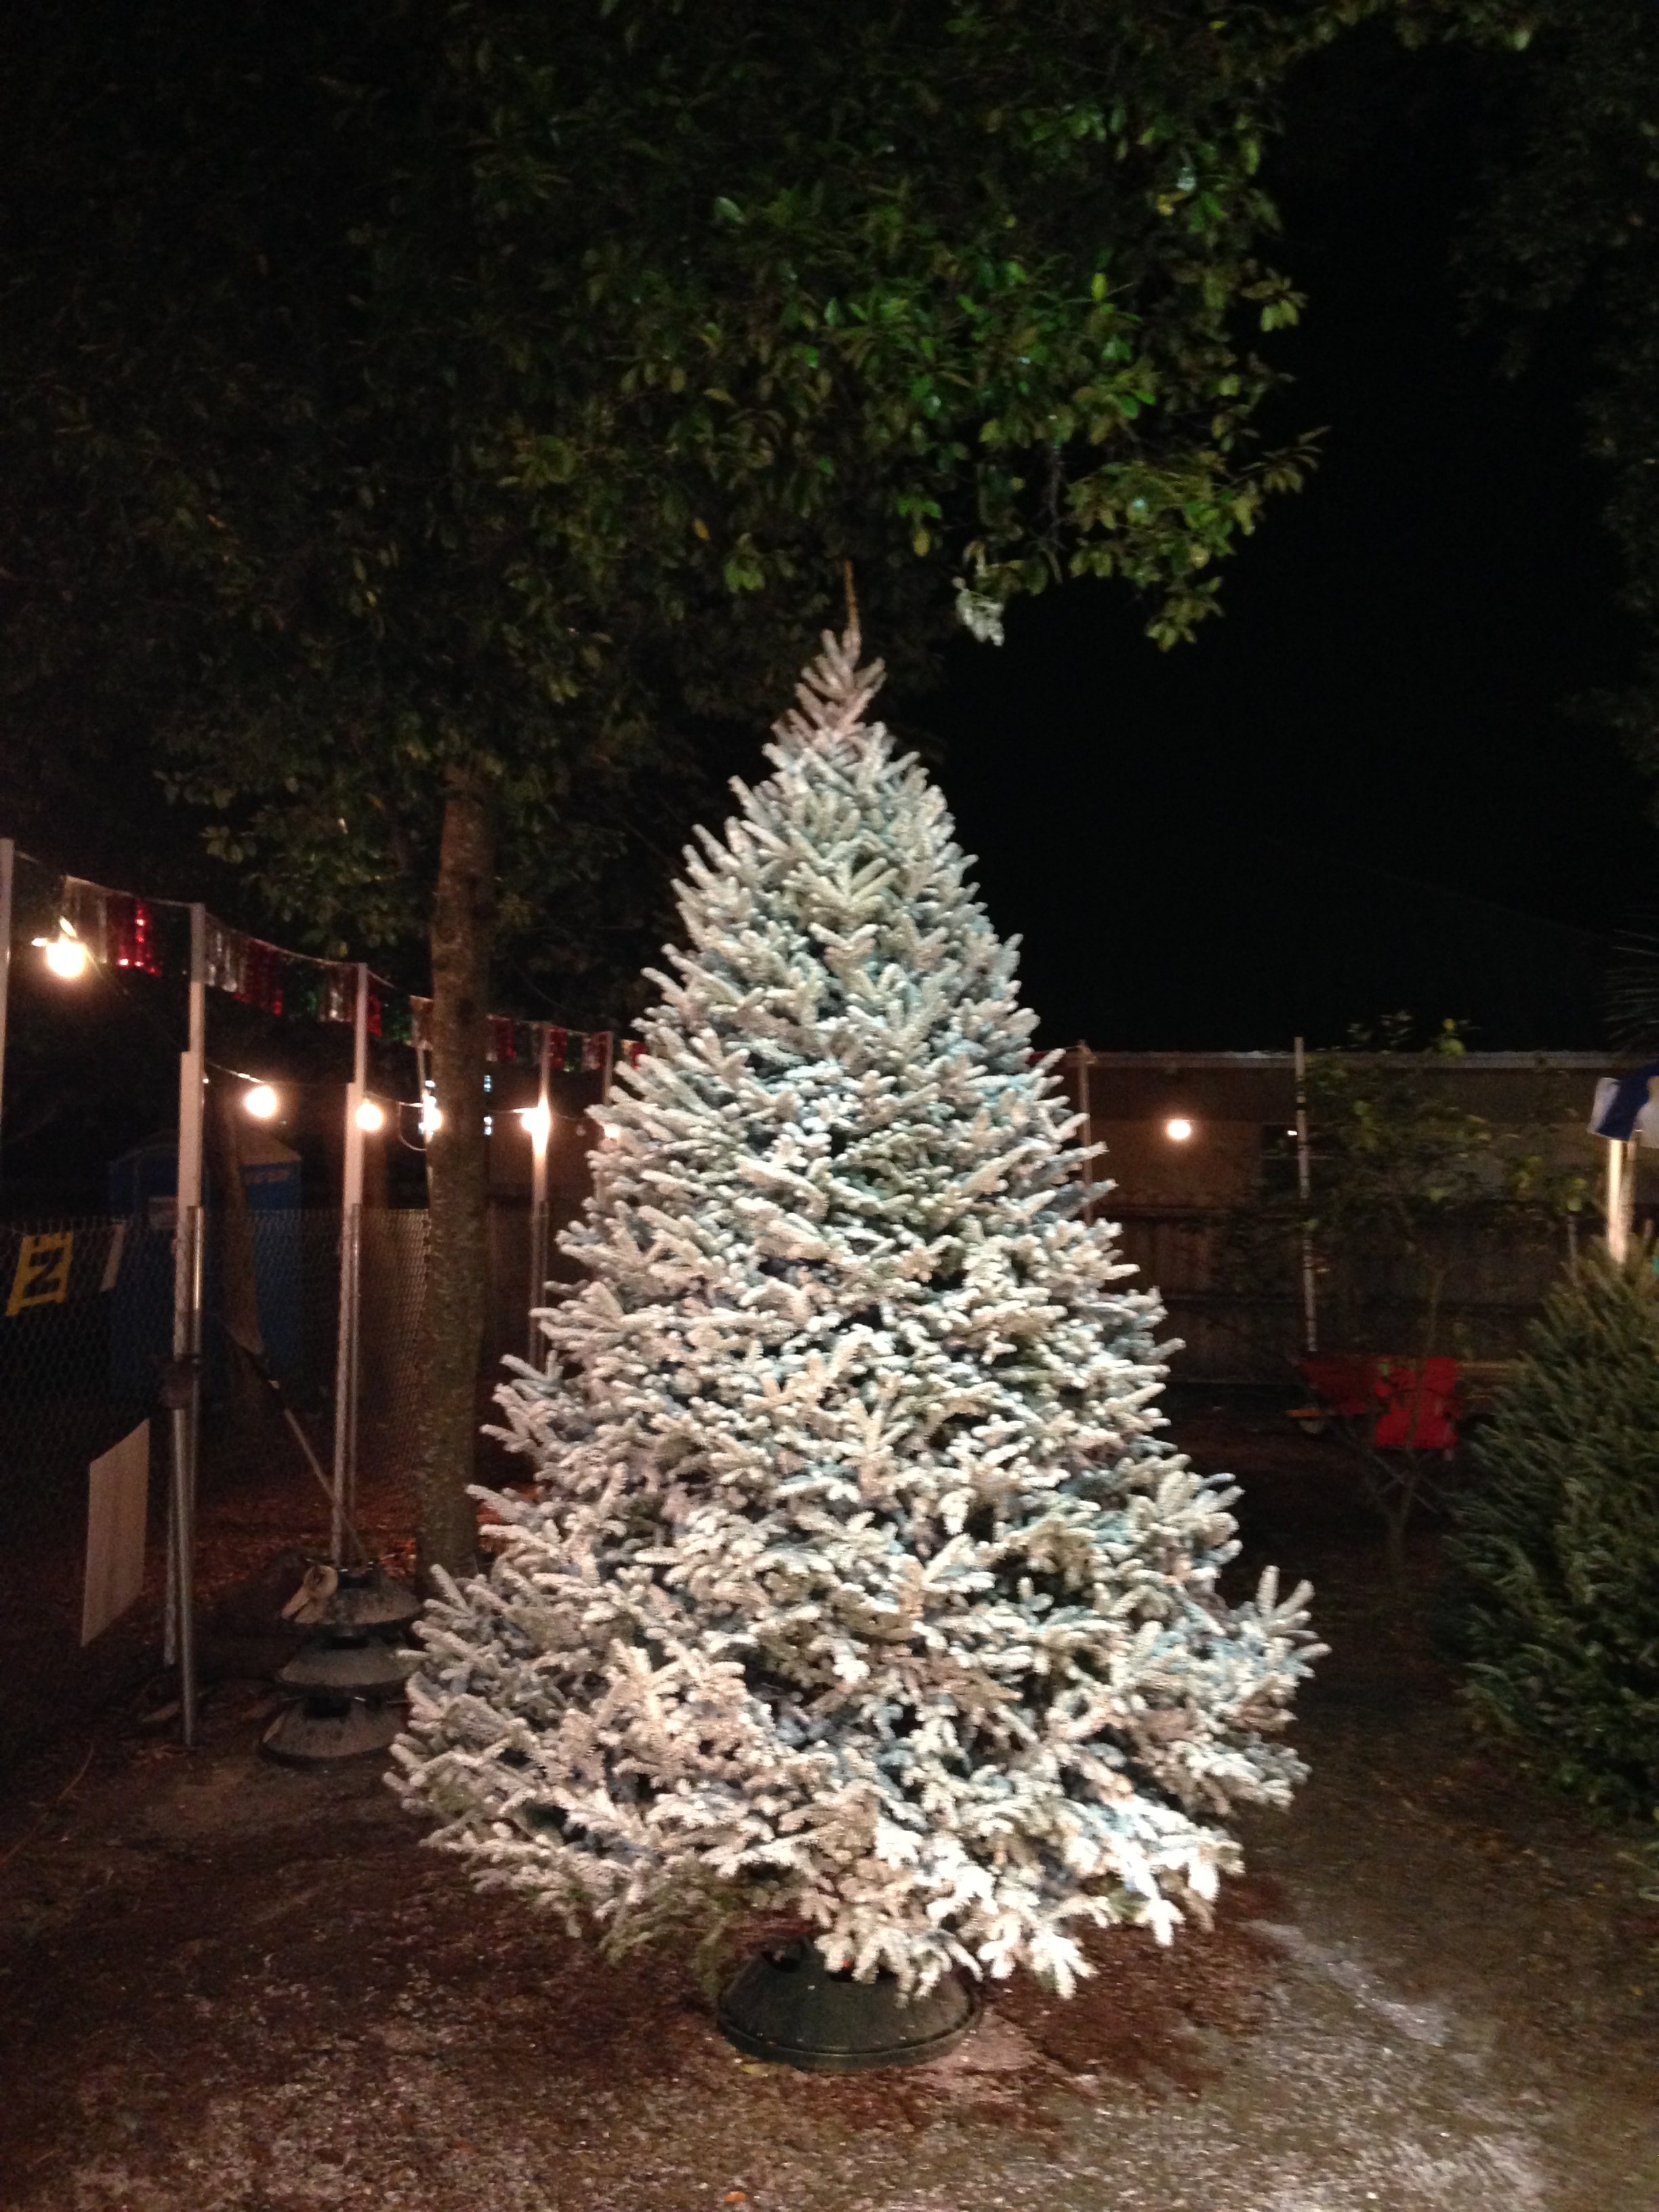 Dave's Christmas Tree Lot image 89